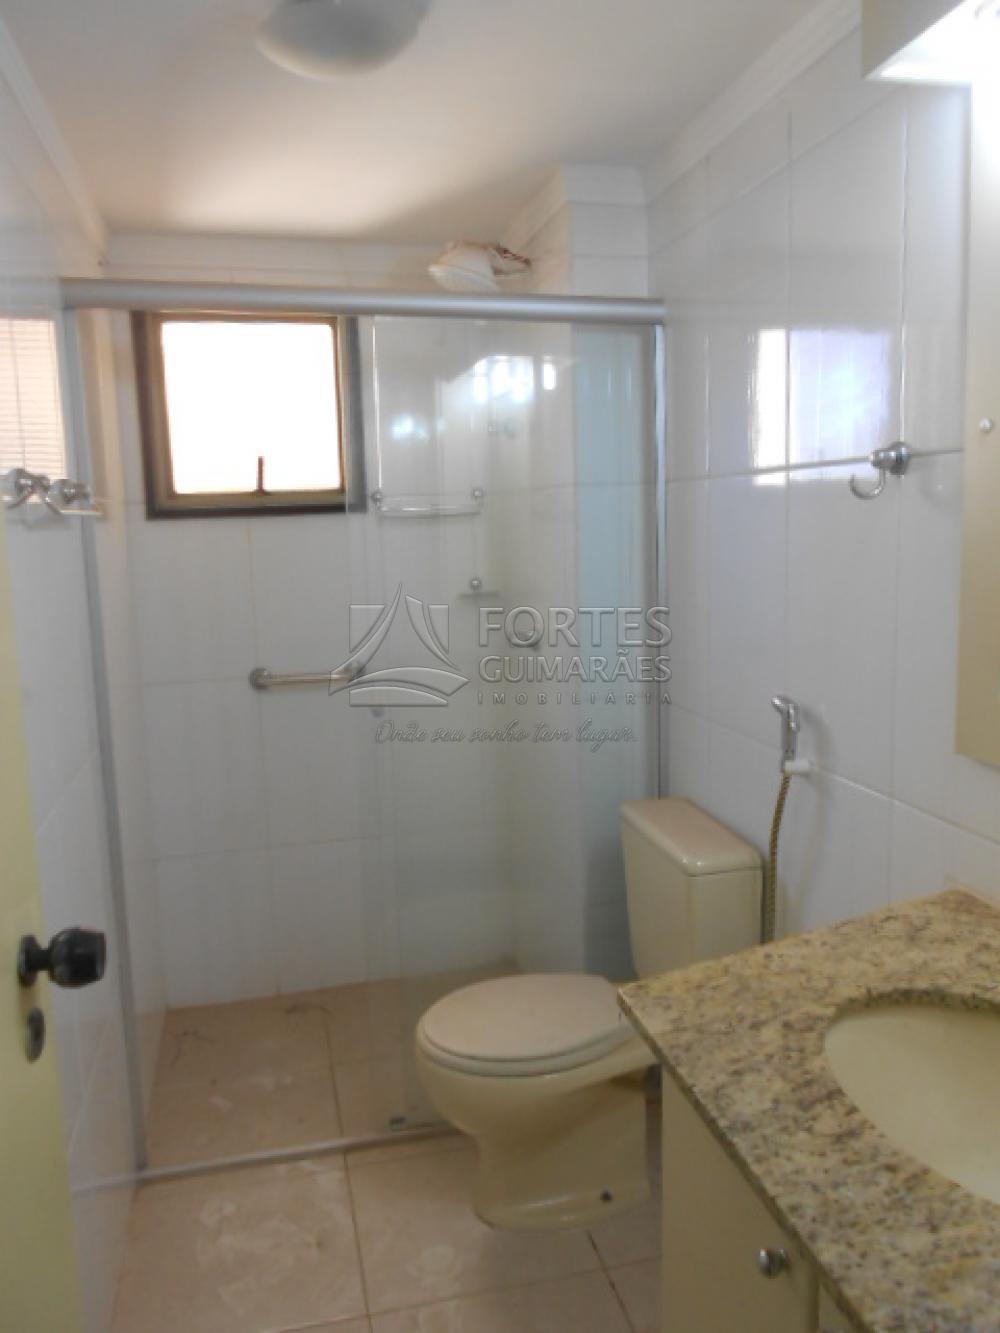 Alugar Apartamentos / Padrão em Ribeirão Preto apenas R$ 950,00 - Foto 26